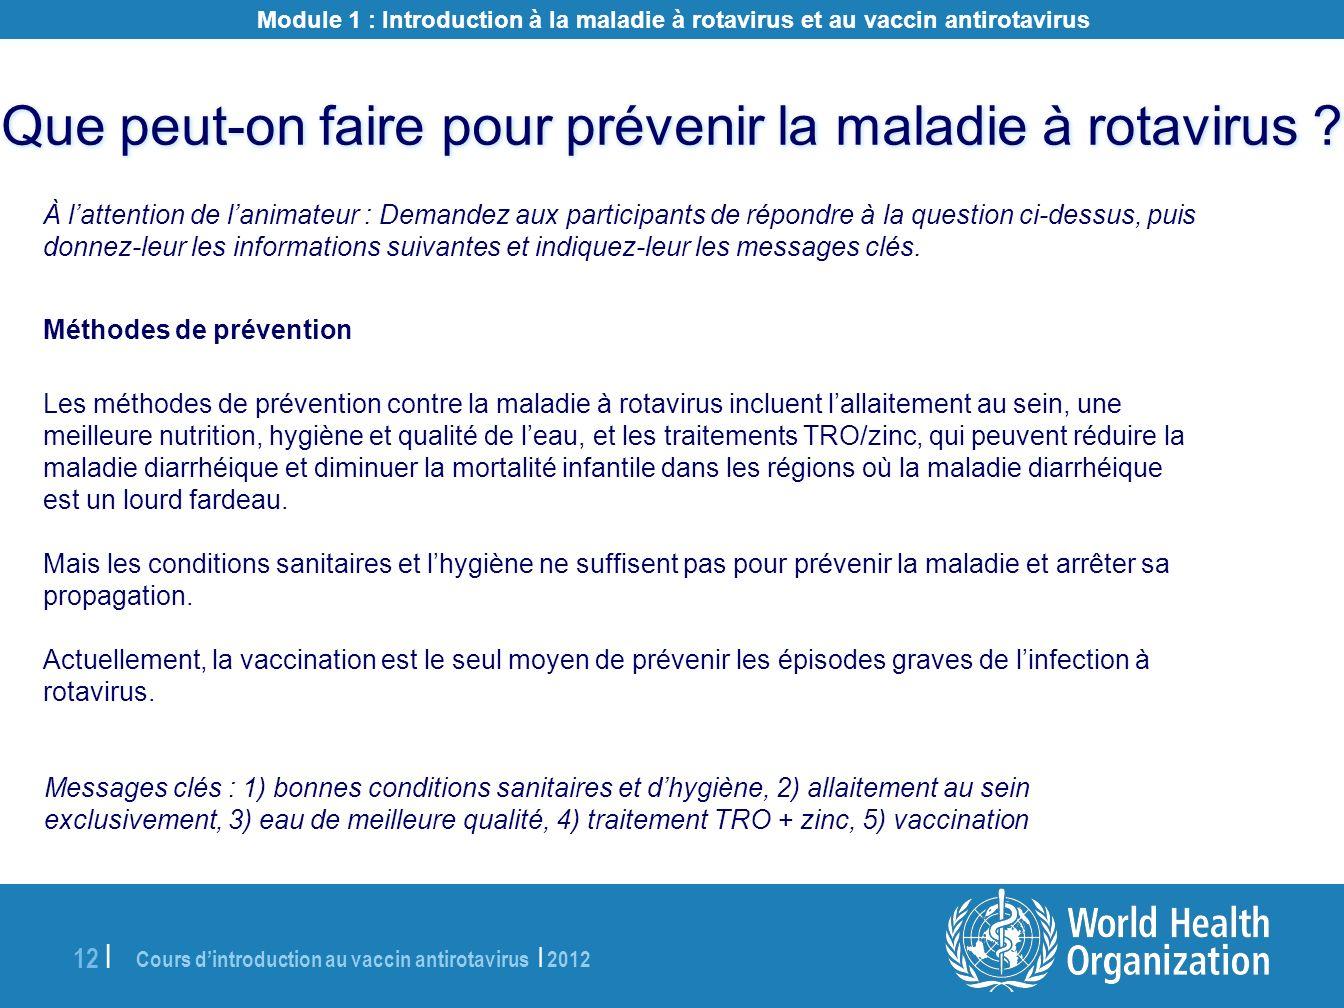 Que peut-on faire pour prévenir la maladie à rotavirus